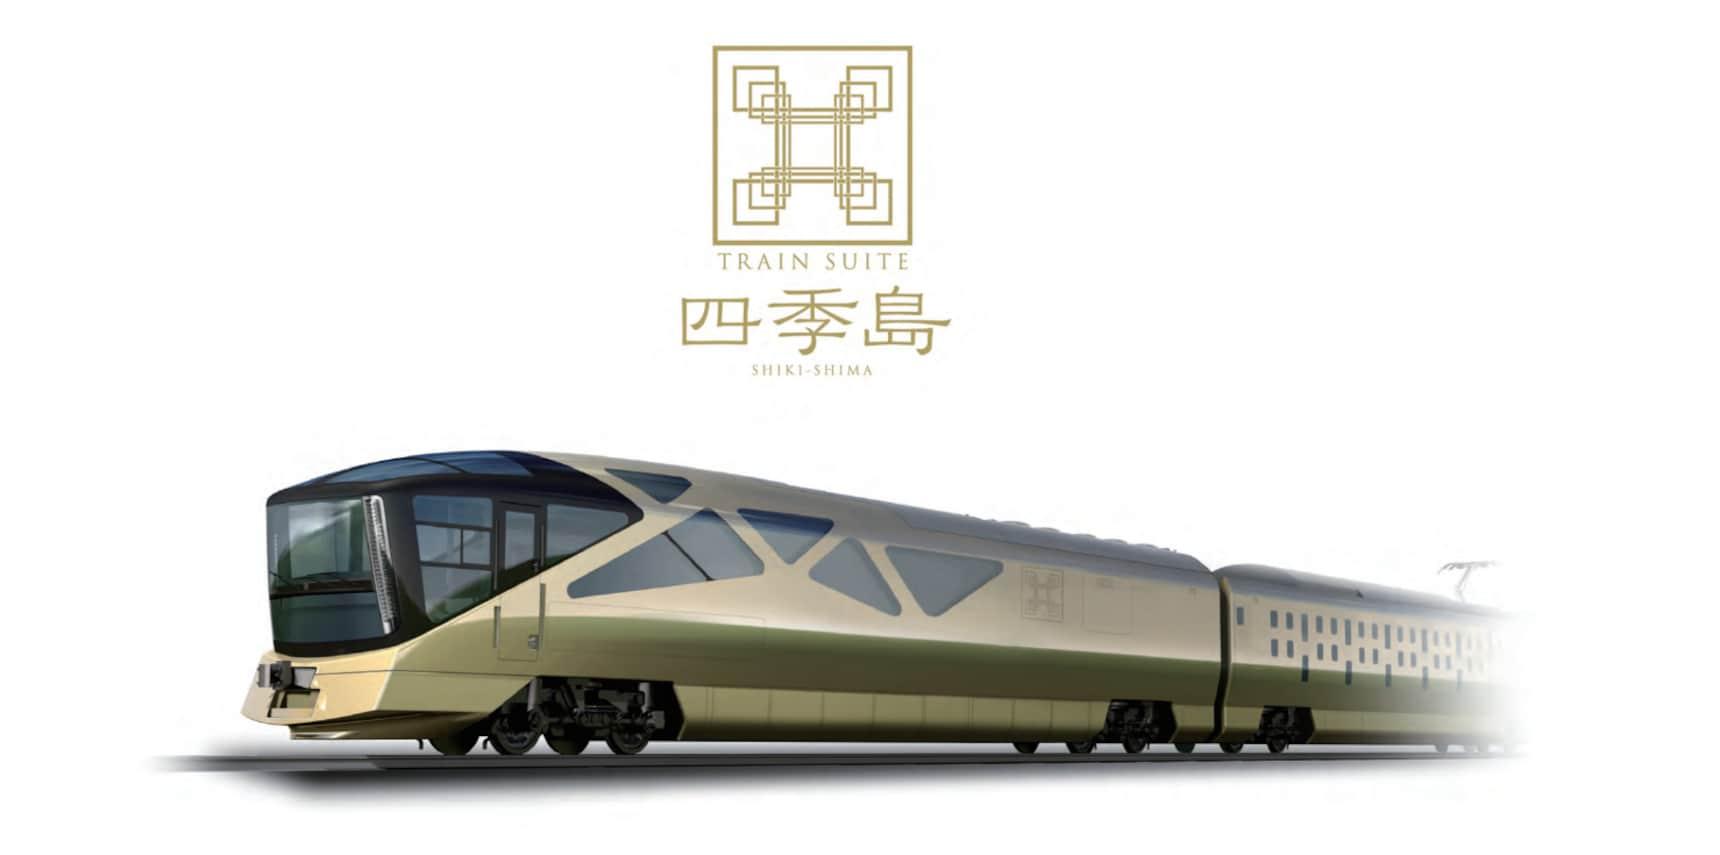 日本新潮自由行第2弹 — 豪华寝台列车「TRAIN SUITE 四季岛」强势来袭